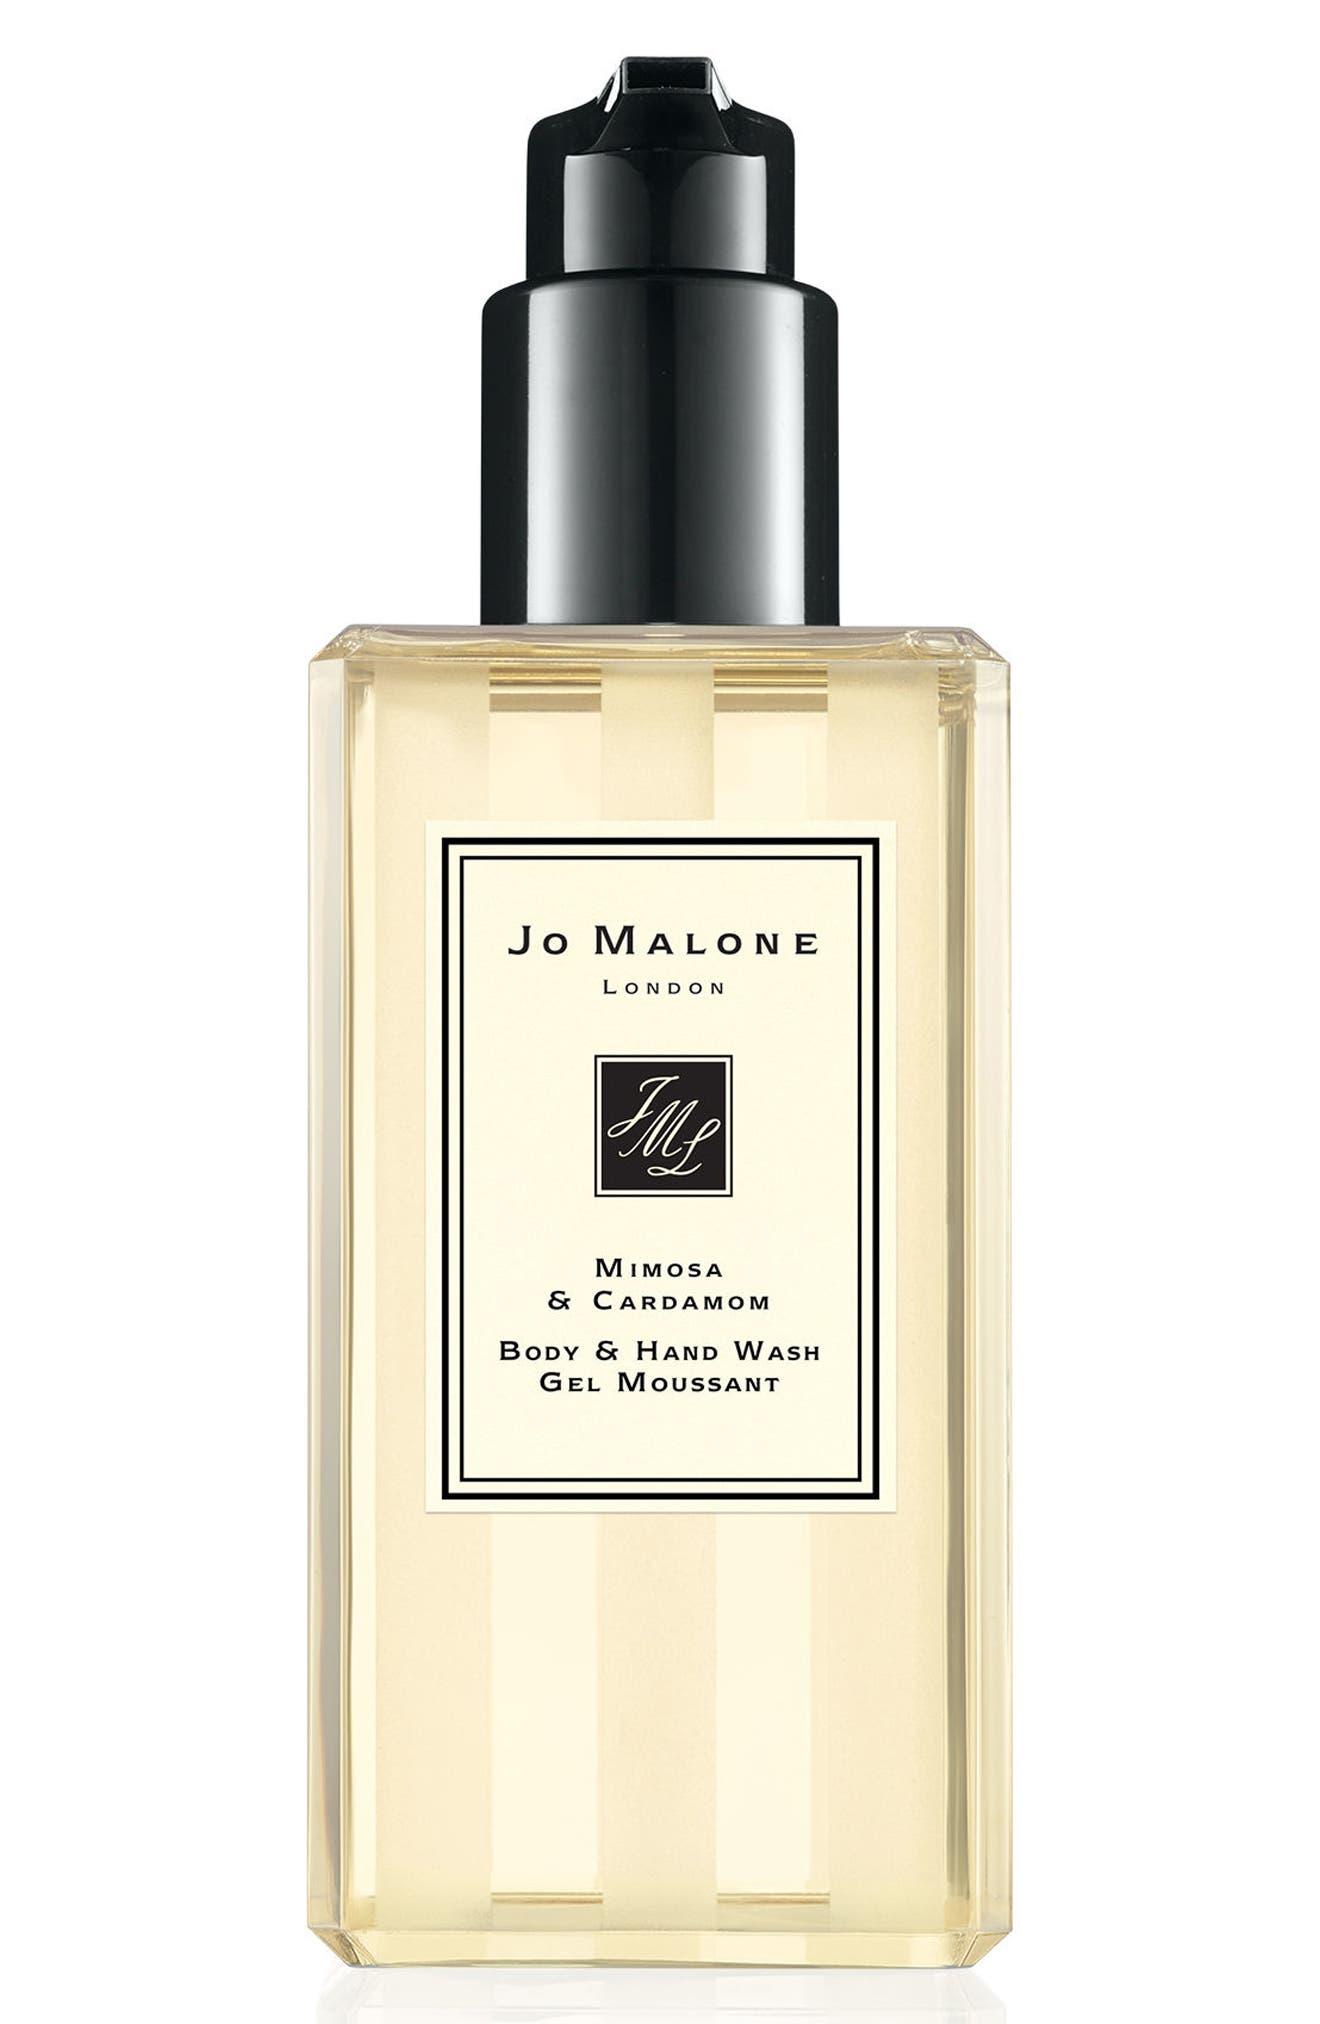 Jo Malone London™ 'Mimosa & Cardamom' Body & Hand Wash